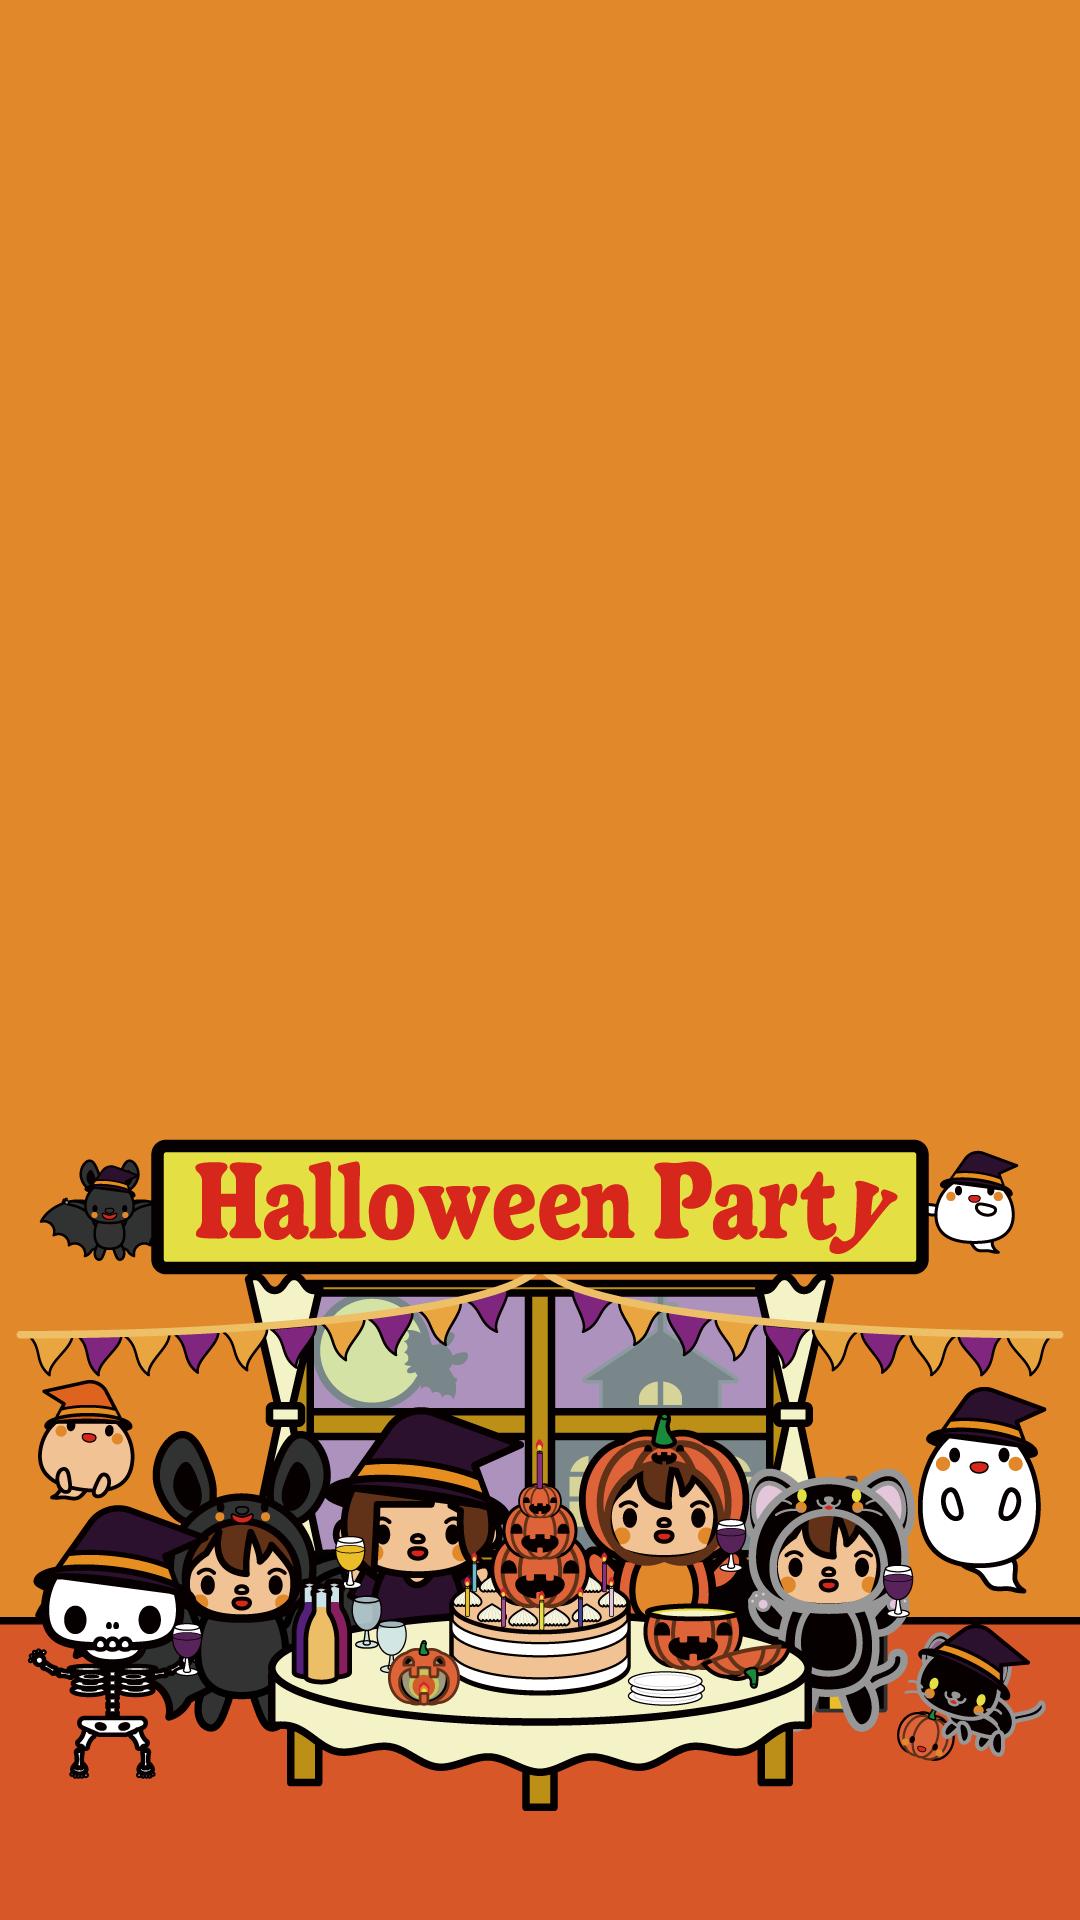 かわいいハロウィンパーティー壁紙(iPhone)の無料イラスト・商用フリー